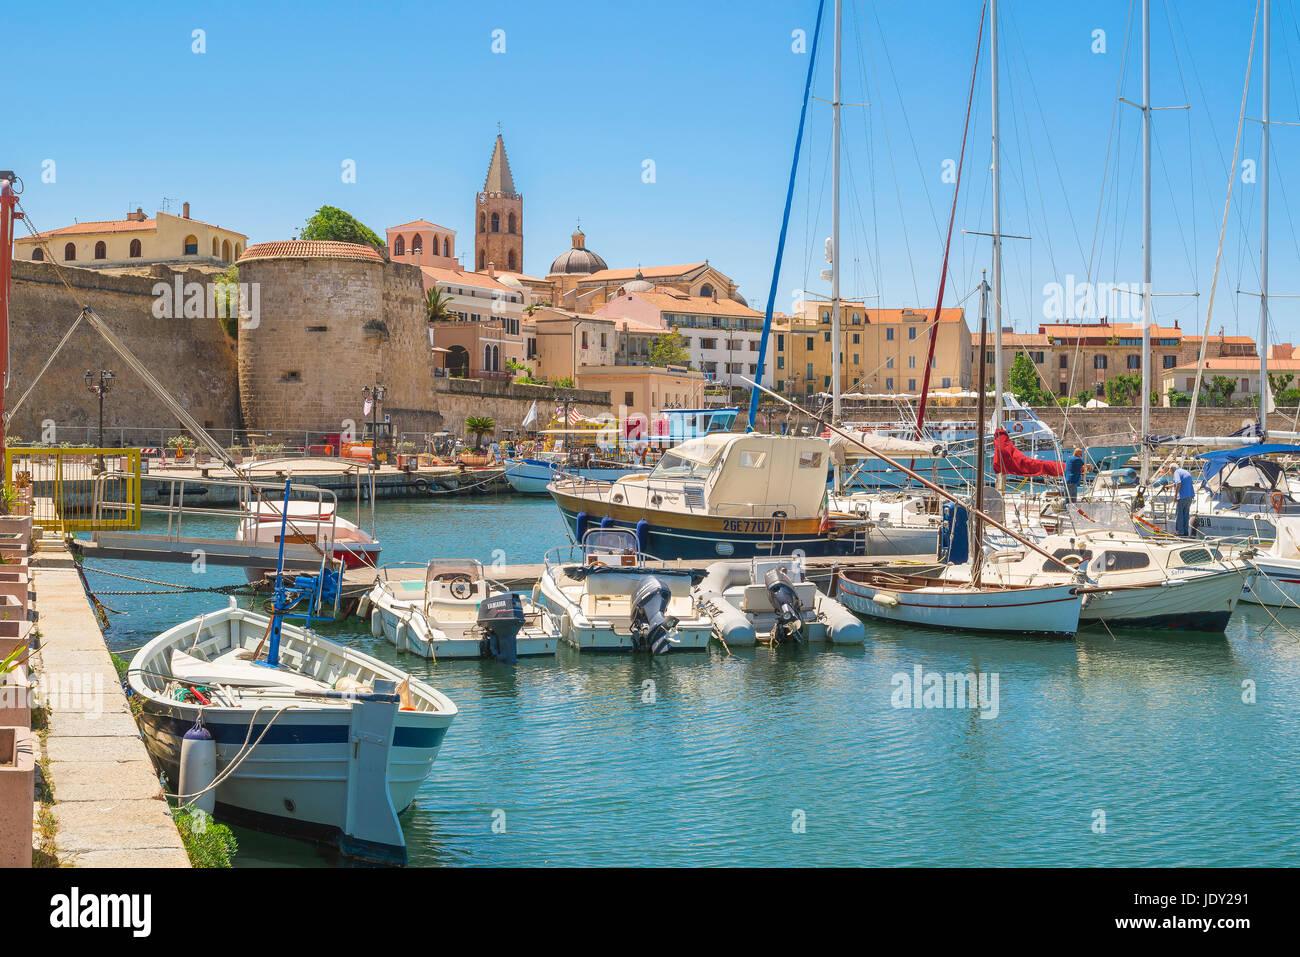 Alghero Sardinien Hafen, Blick auf den Hafen und die Uferpromenade in Alghero Sardinien, Norditalien. Stockbild